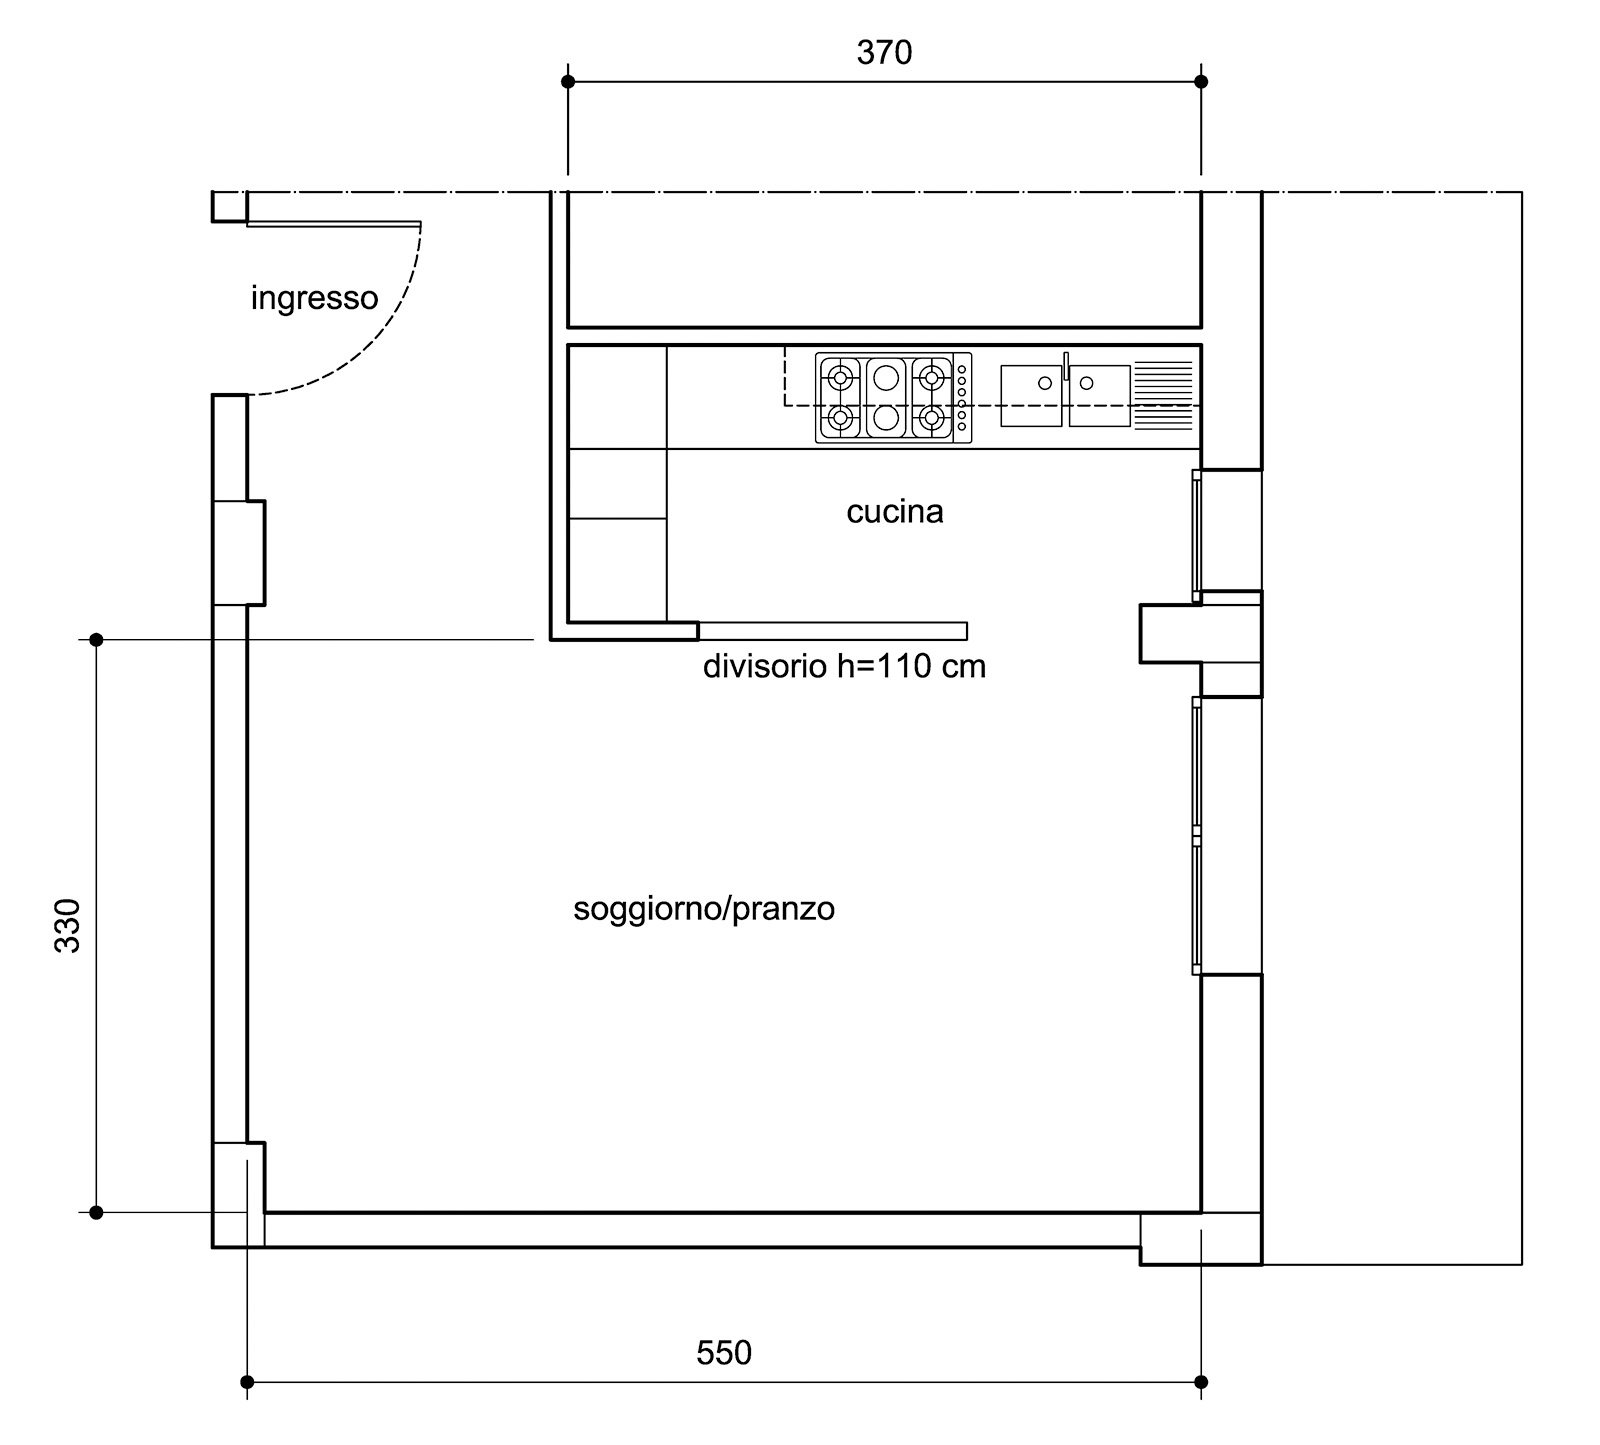 Arredare Il Soggiorno Zona Pranzo Con Cucina A Vista Cose Di Casa #4A4A4A 1600 1445 Come Arredare Cucina A Vista